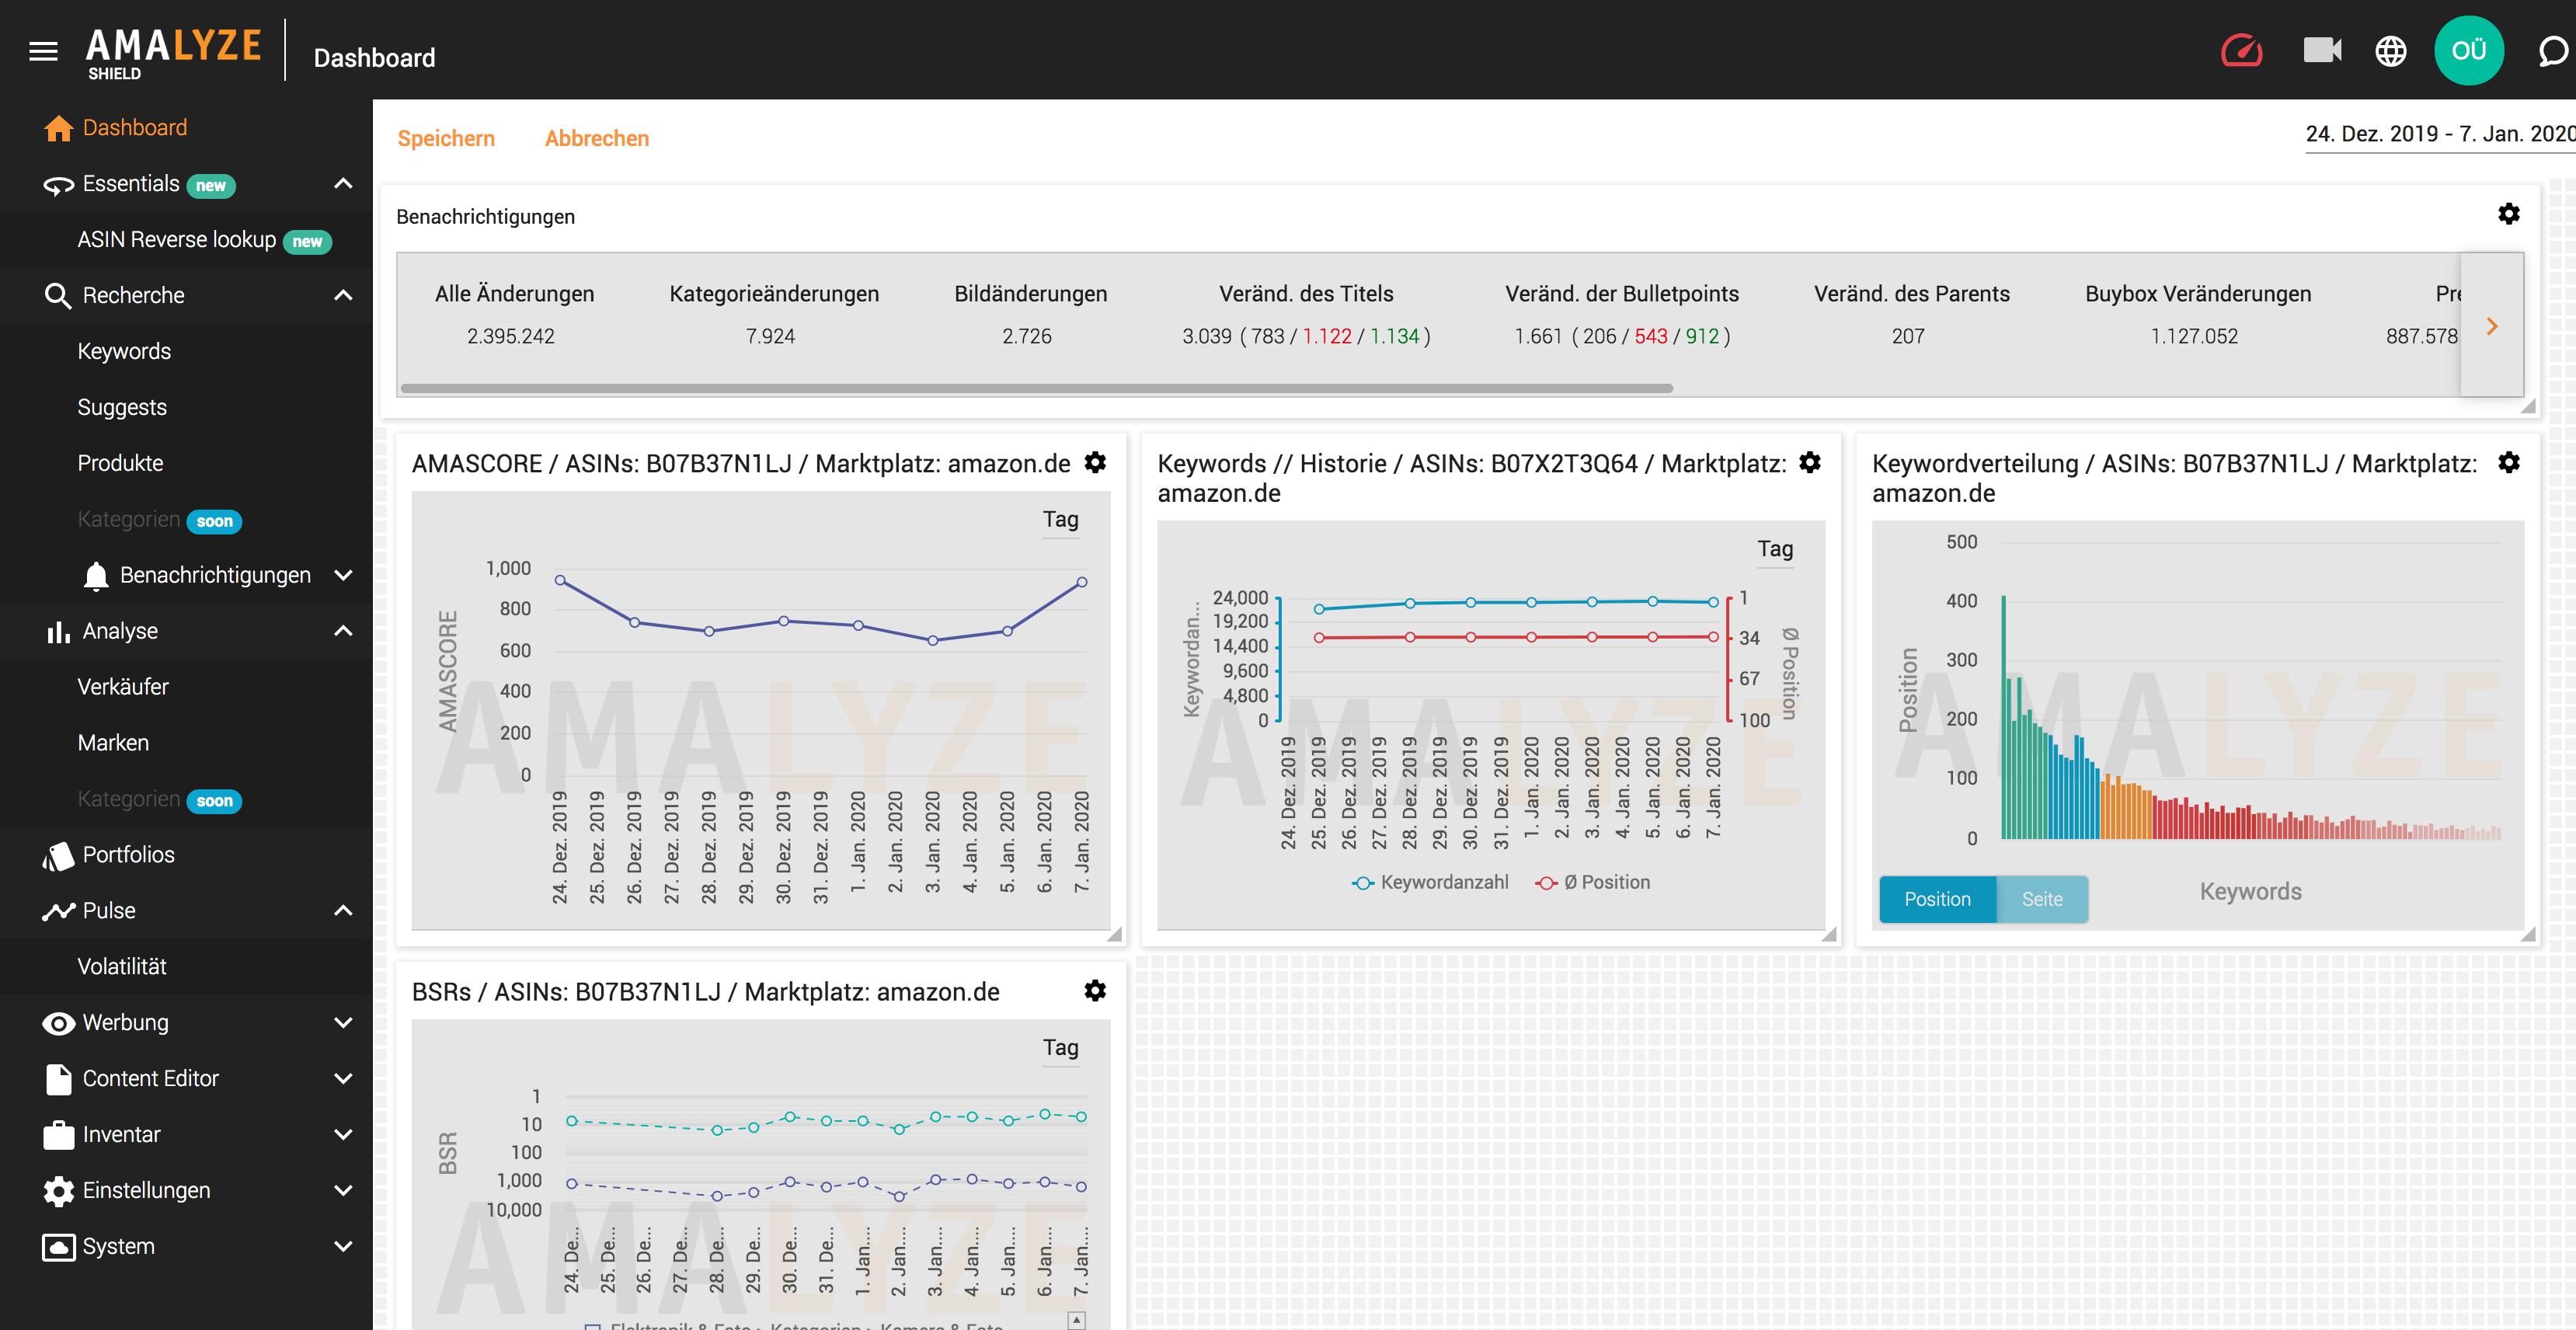 Dashboard_Positionierung von Charts